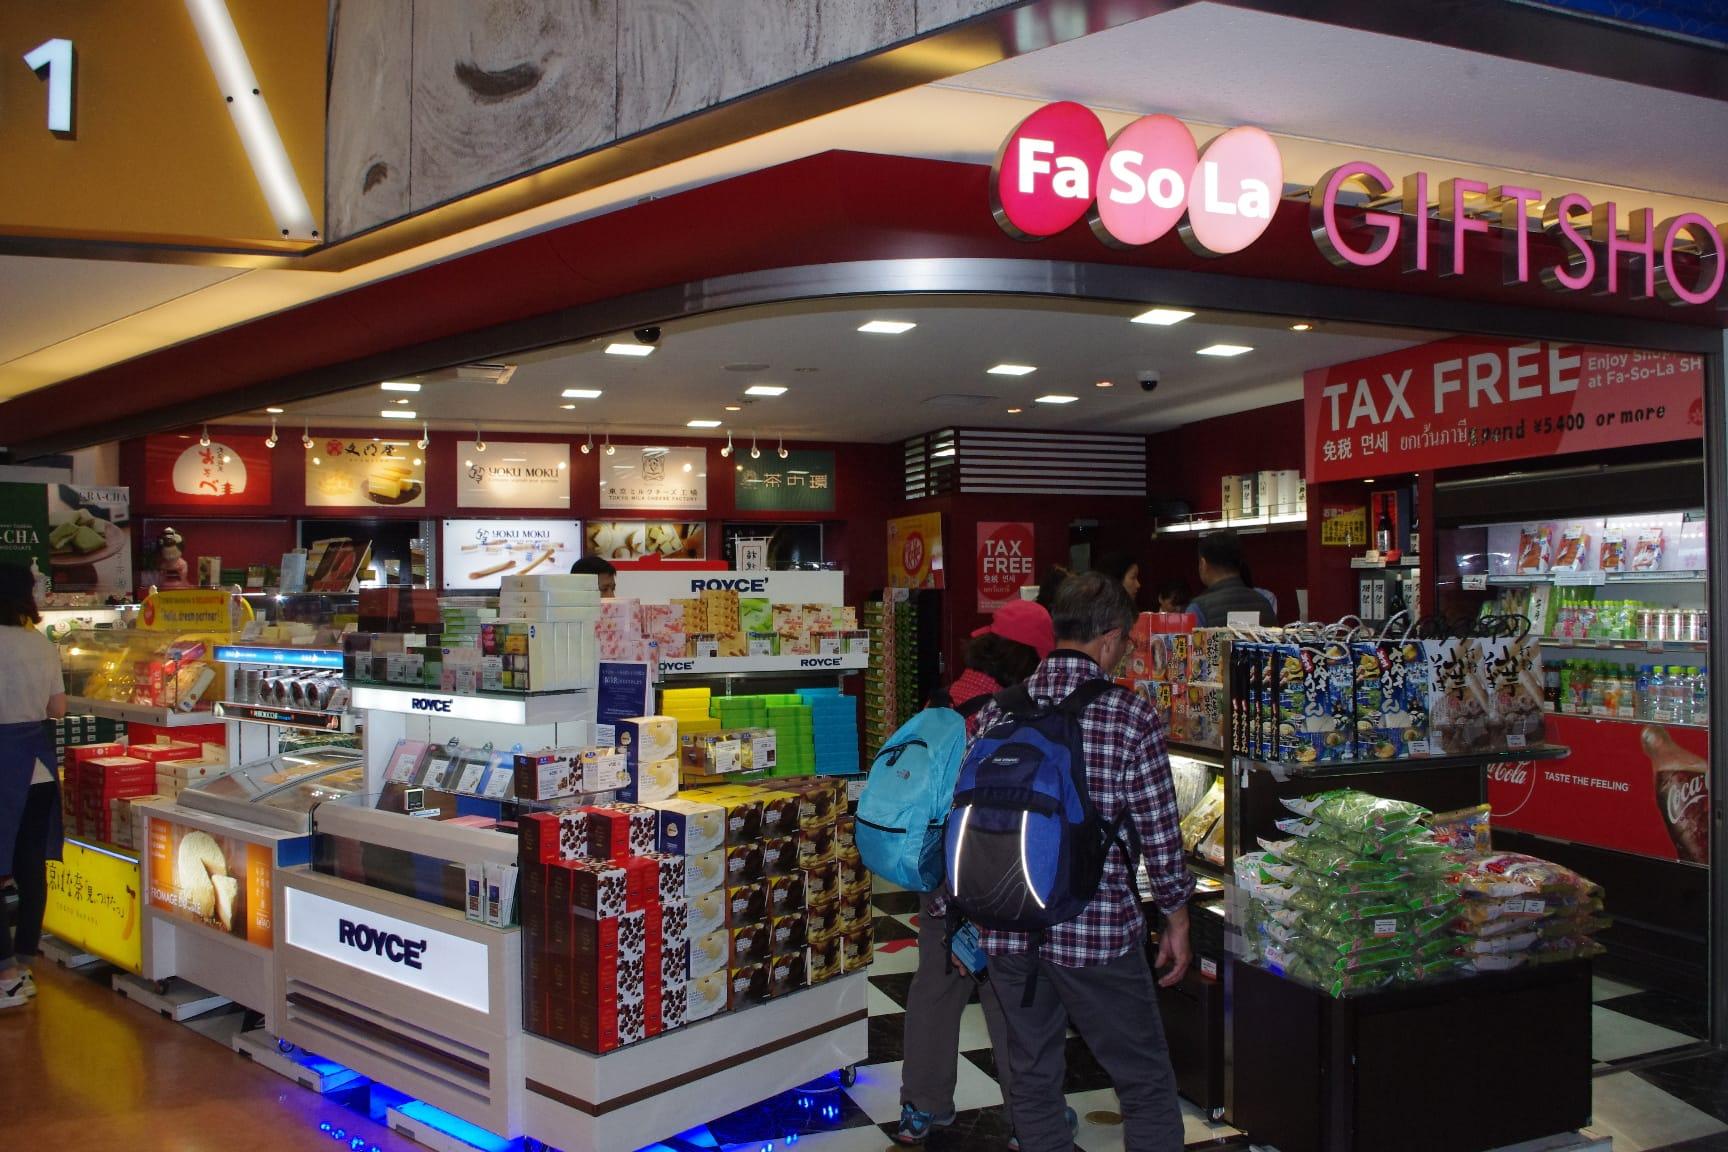 東京バナナ(東京ばな奈)/Fa So La Gift Shop(第1ターミナル4階)